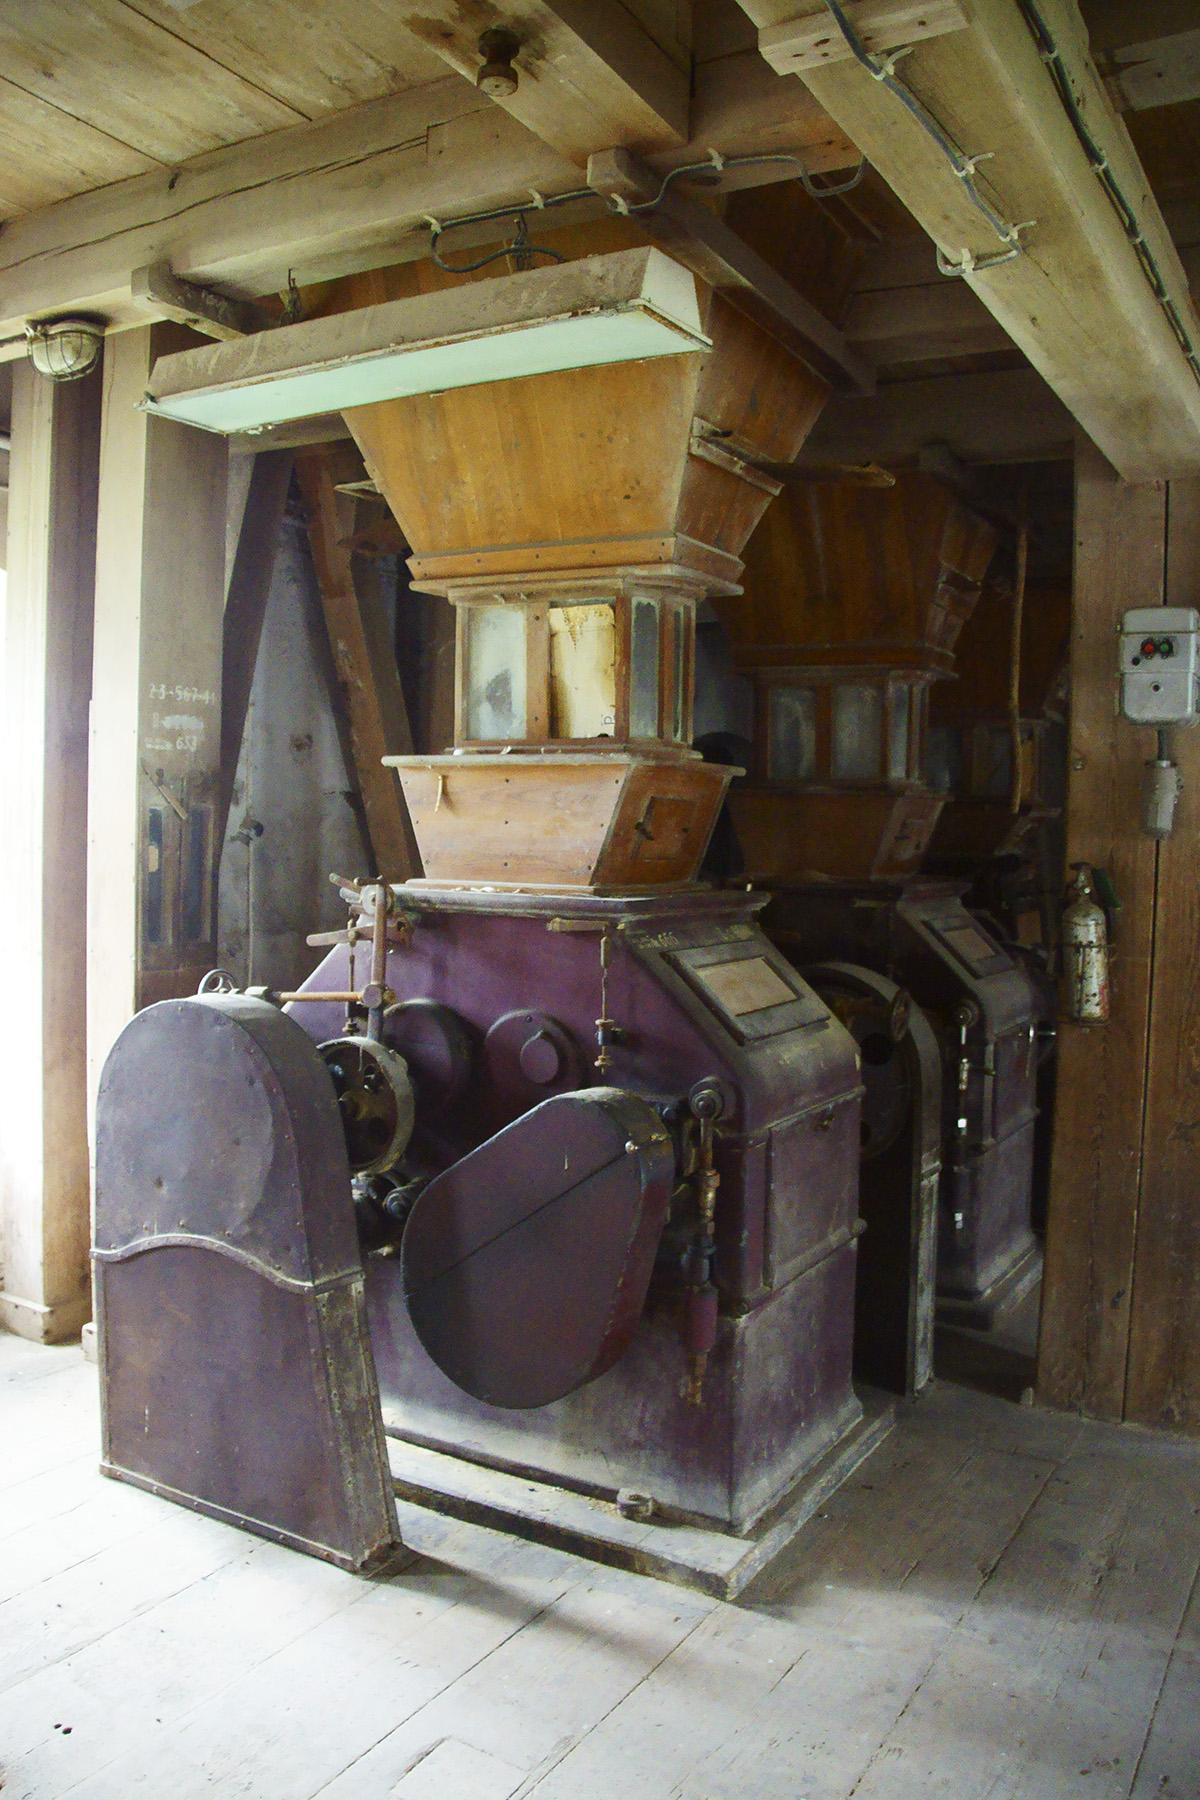 Oryginalne, XIX-wieczne urządzenia młyńskie